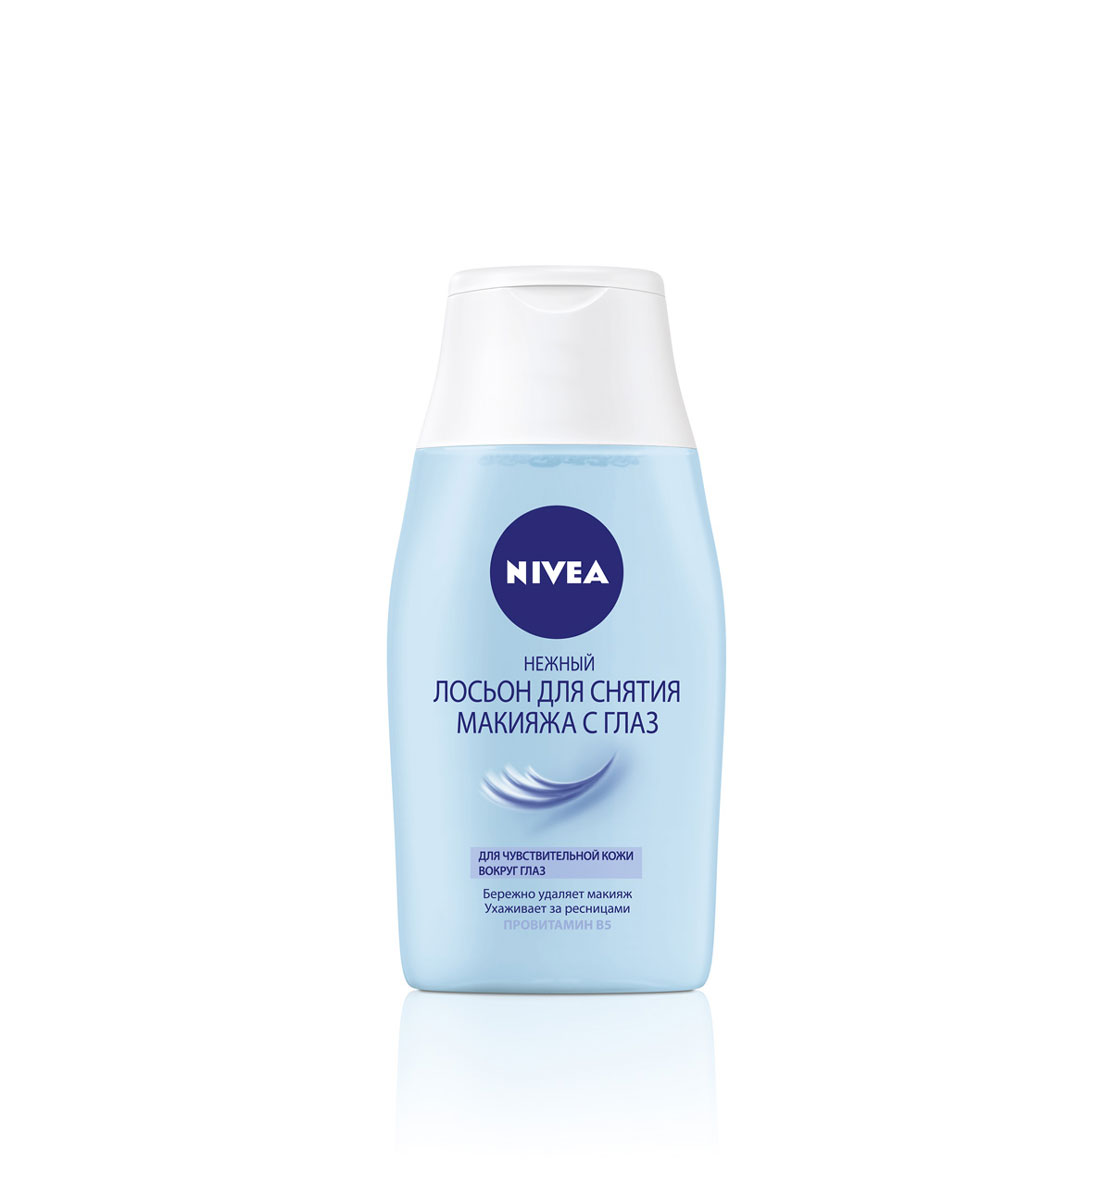 NIVEA Нежное средство для удаления макияжа с глаз 125 мл nivea make up expert средство для снятия макияжа в душе 150 мл